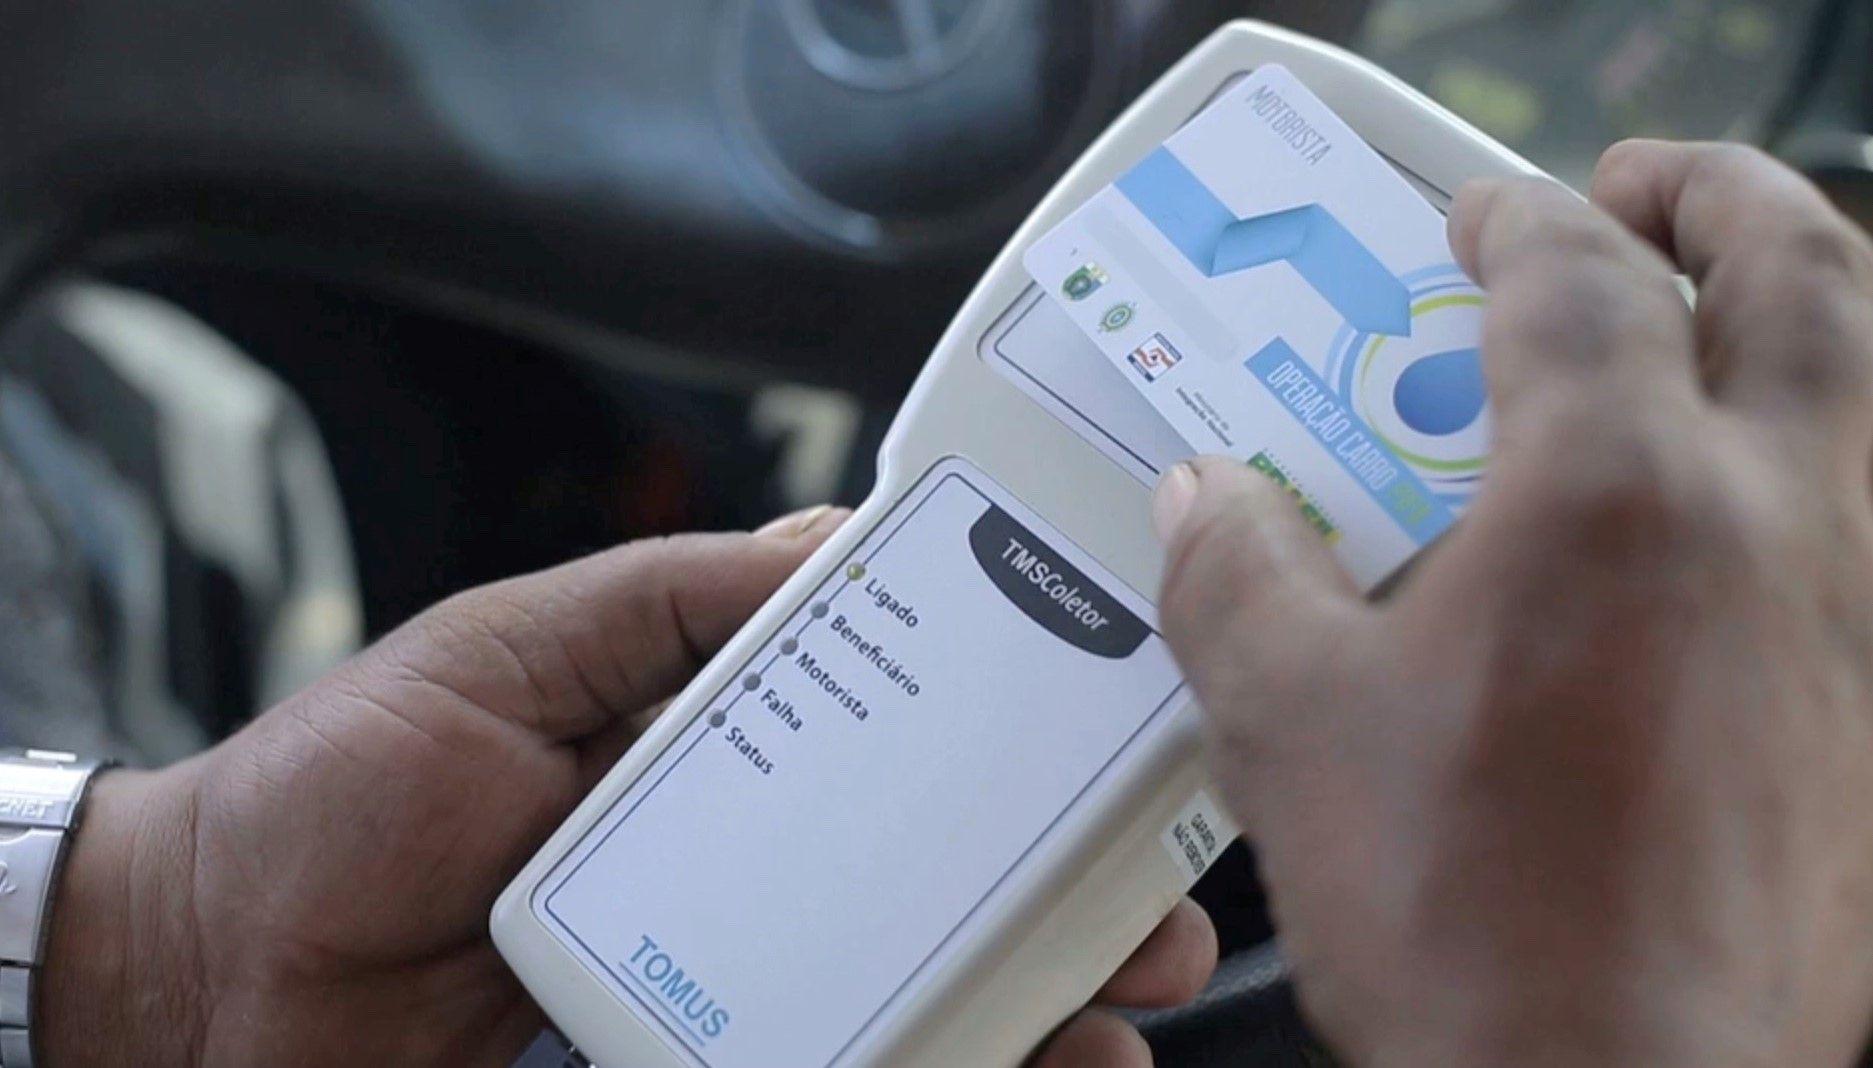 Cartões RFID da HID Global são Utilizados para Desempenhar uma Função Essencial em um Sistema de Distribuição de Água Seguro e Confiável para os Cidadãos no Brasil